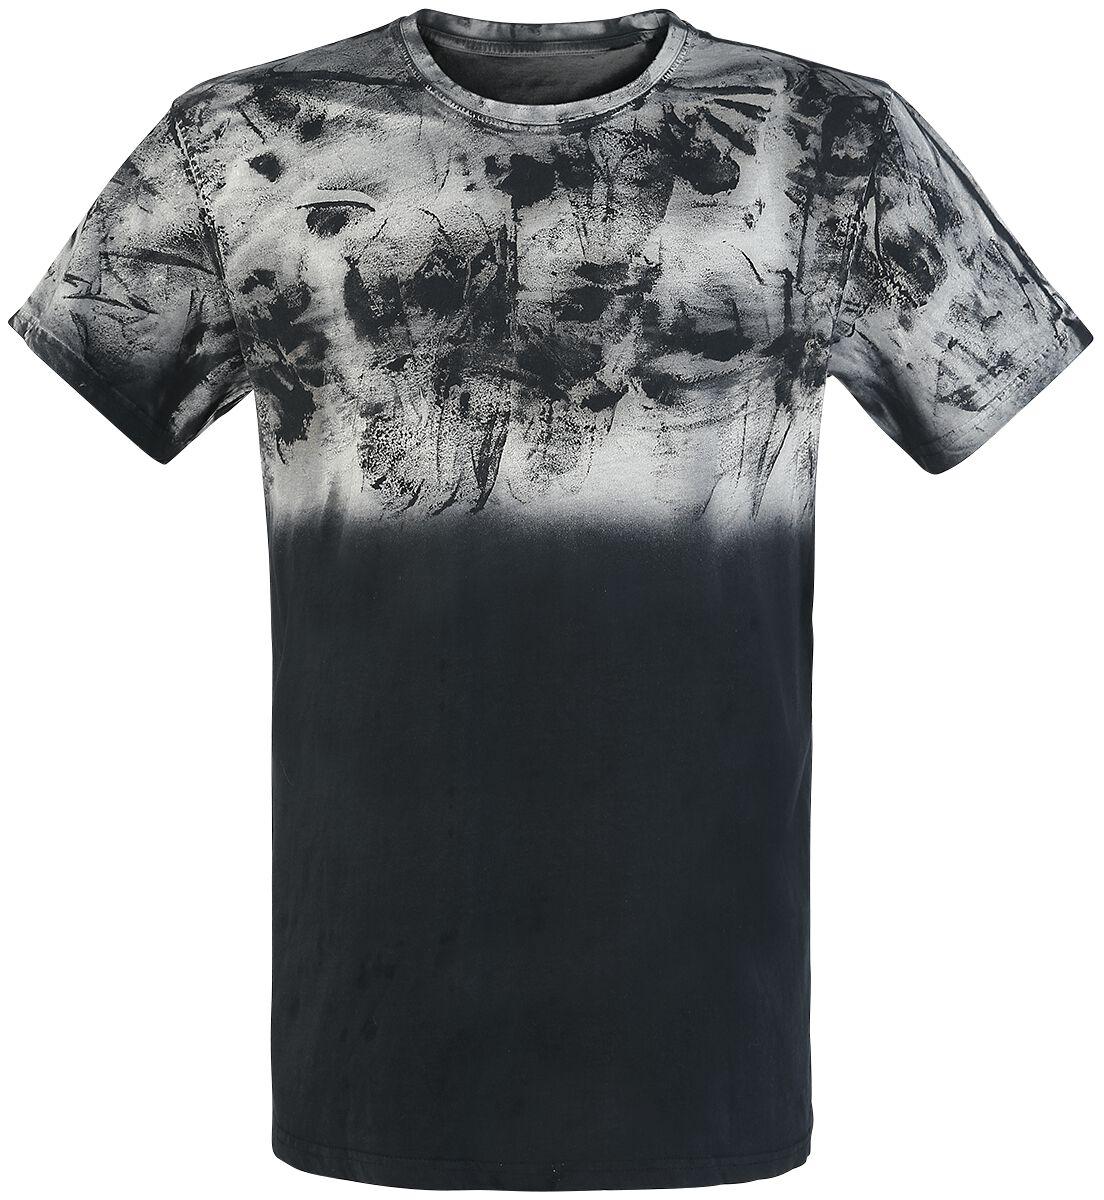 Image of   Outer Vision Spatolato Up Shirt T-Shirt sort-grå